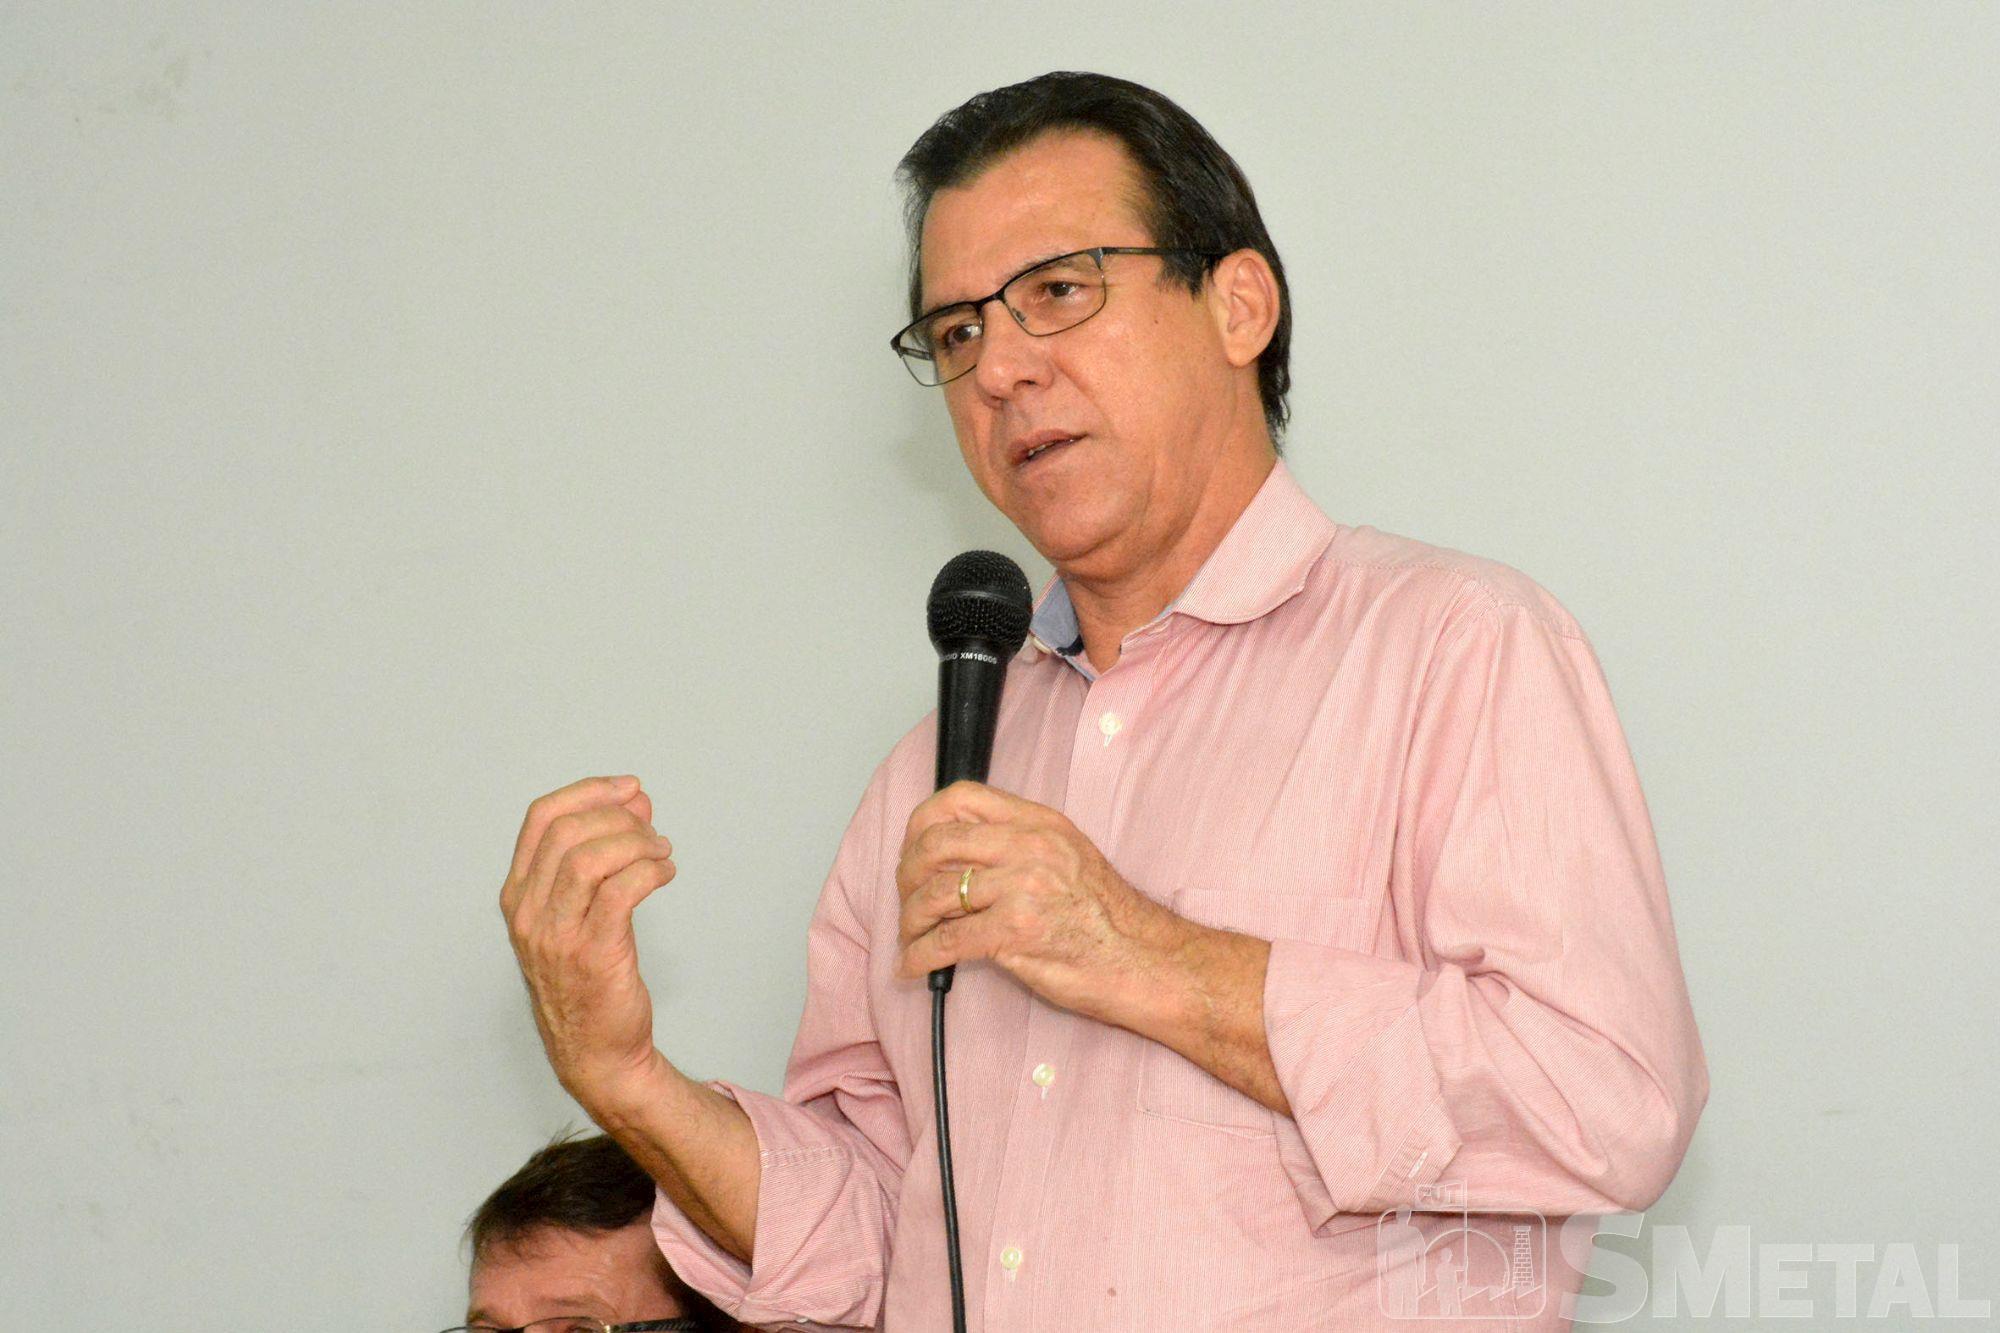 conjuntura,  mauro,  gilmar,  marinho,  pt,  smetal, Foguinho/Imprensa SMetal, Gilmar Mauro e Luiz Marinho reforçam a luta pela democracia no SMetal